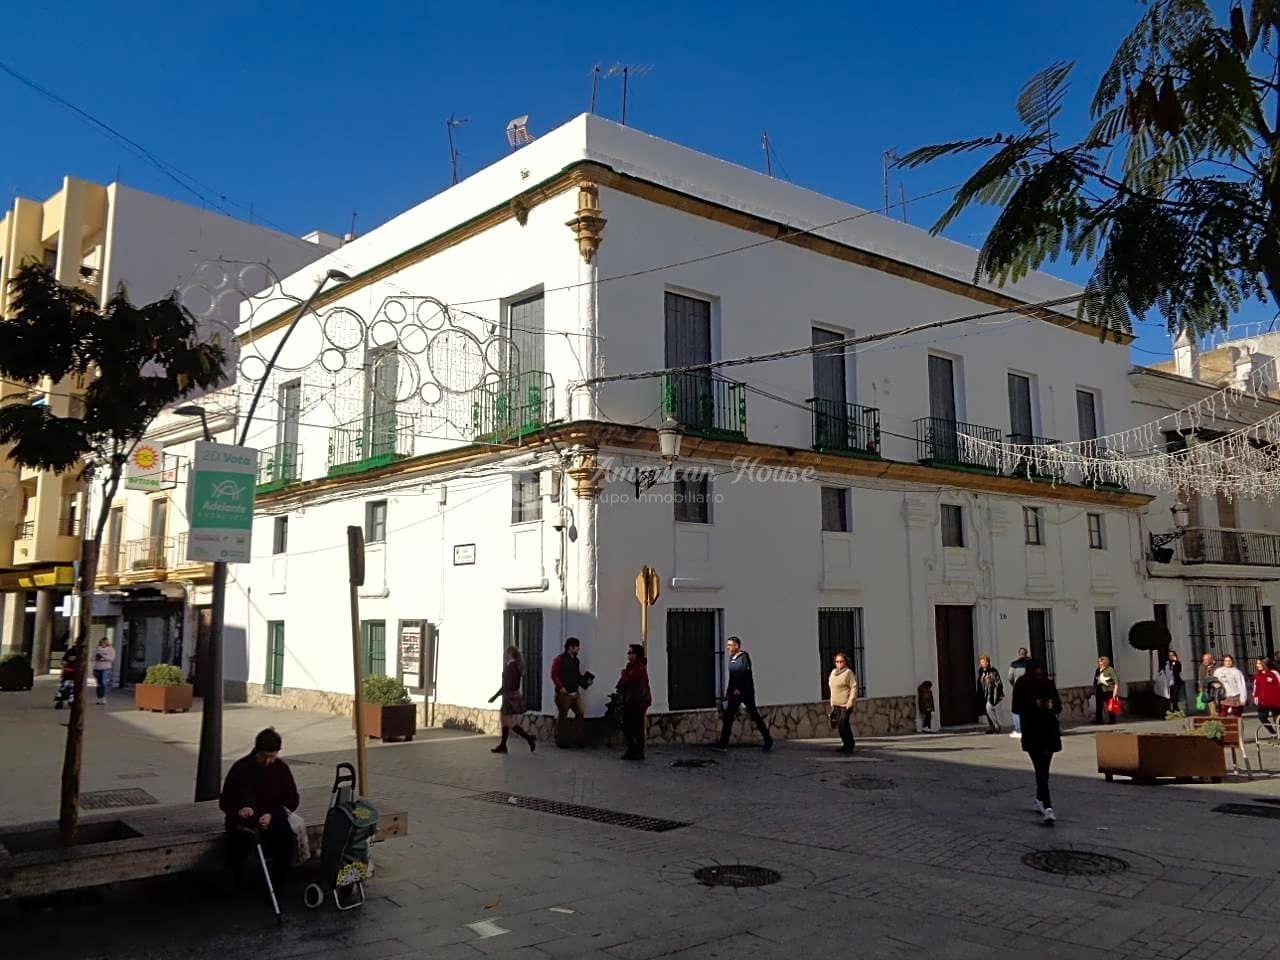 Casa Palacete en Calle Constitución 20, Pleno Centro de Chiclana, Cádiz